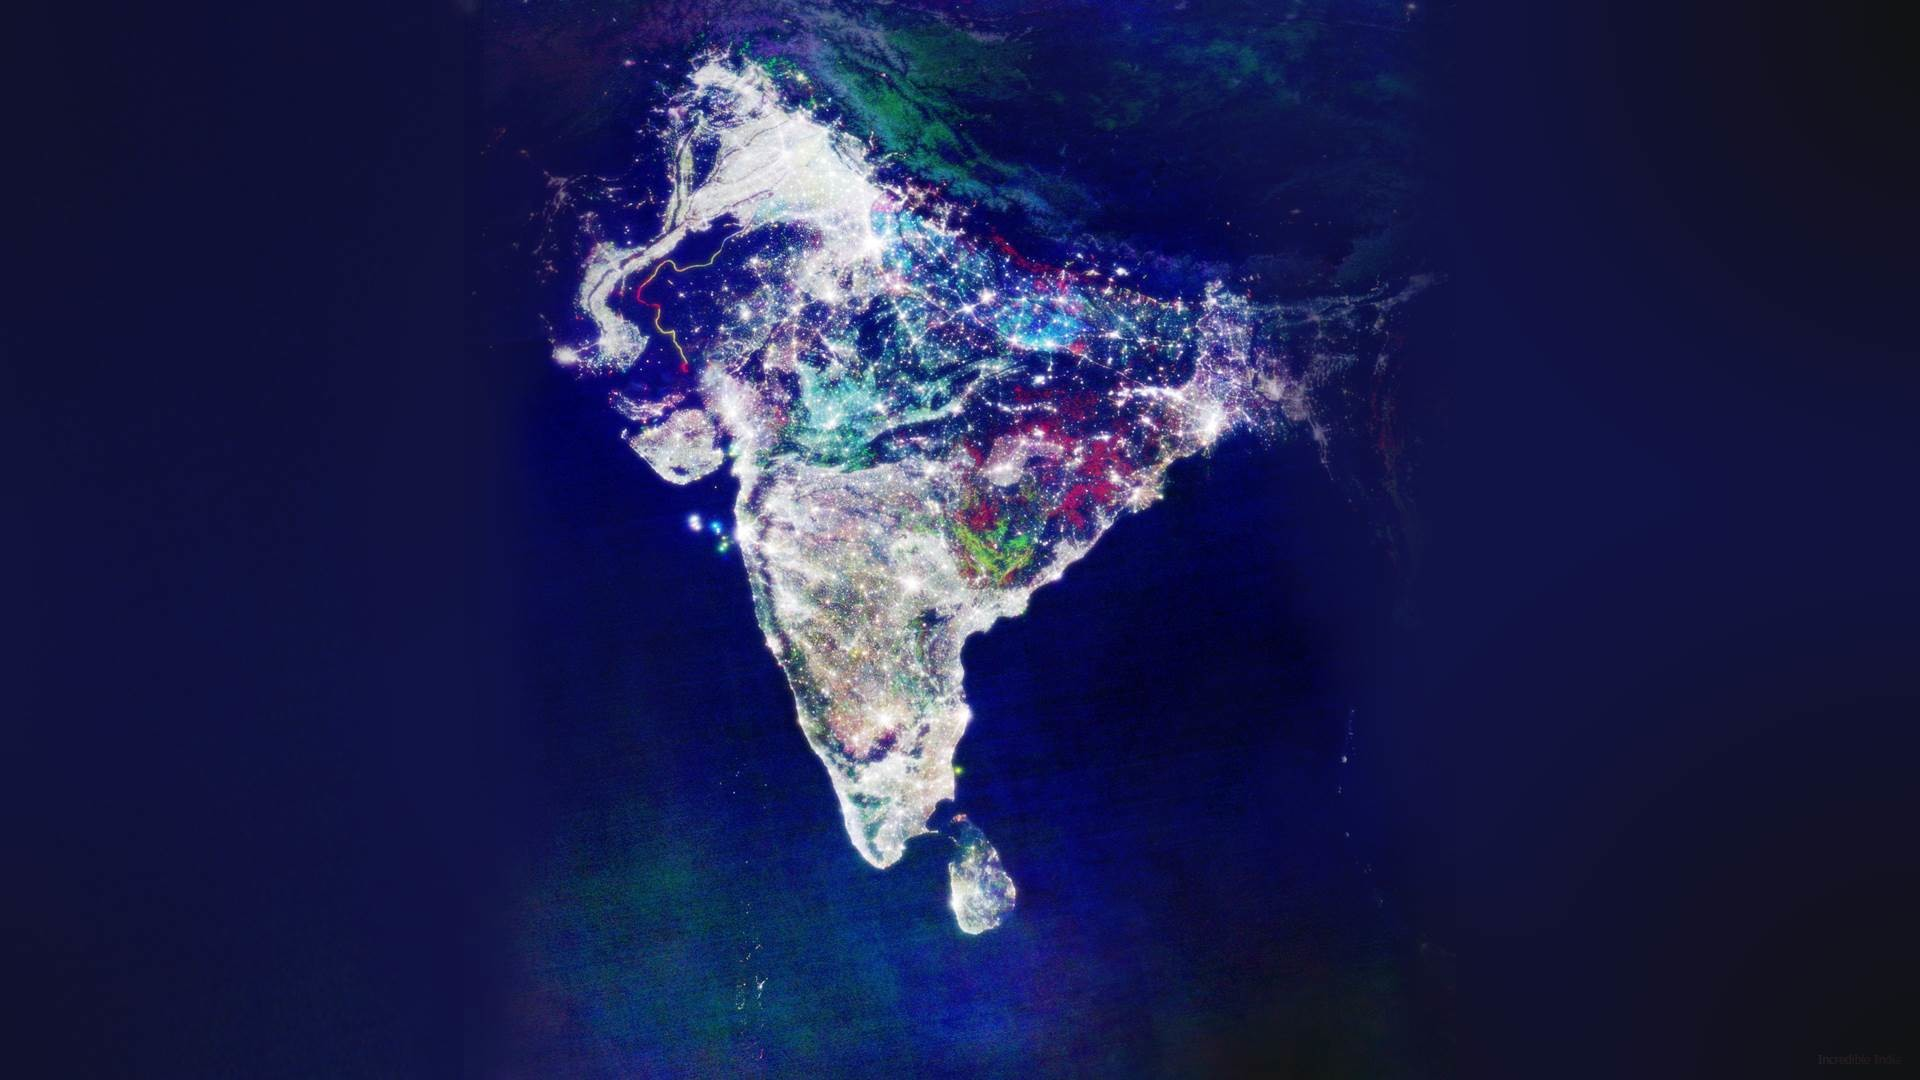 Beautiful d Wallpaper Of India te.org 1920×1080